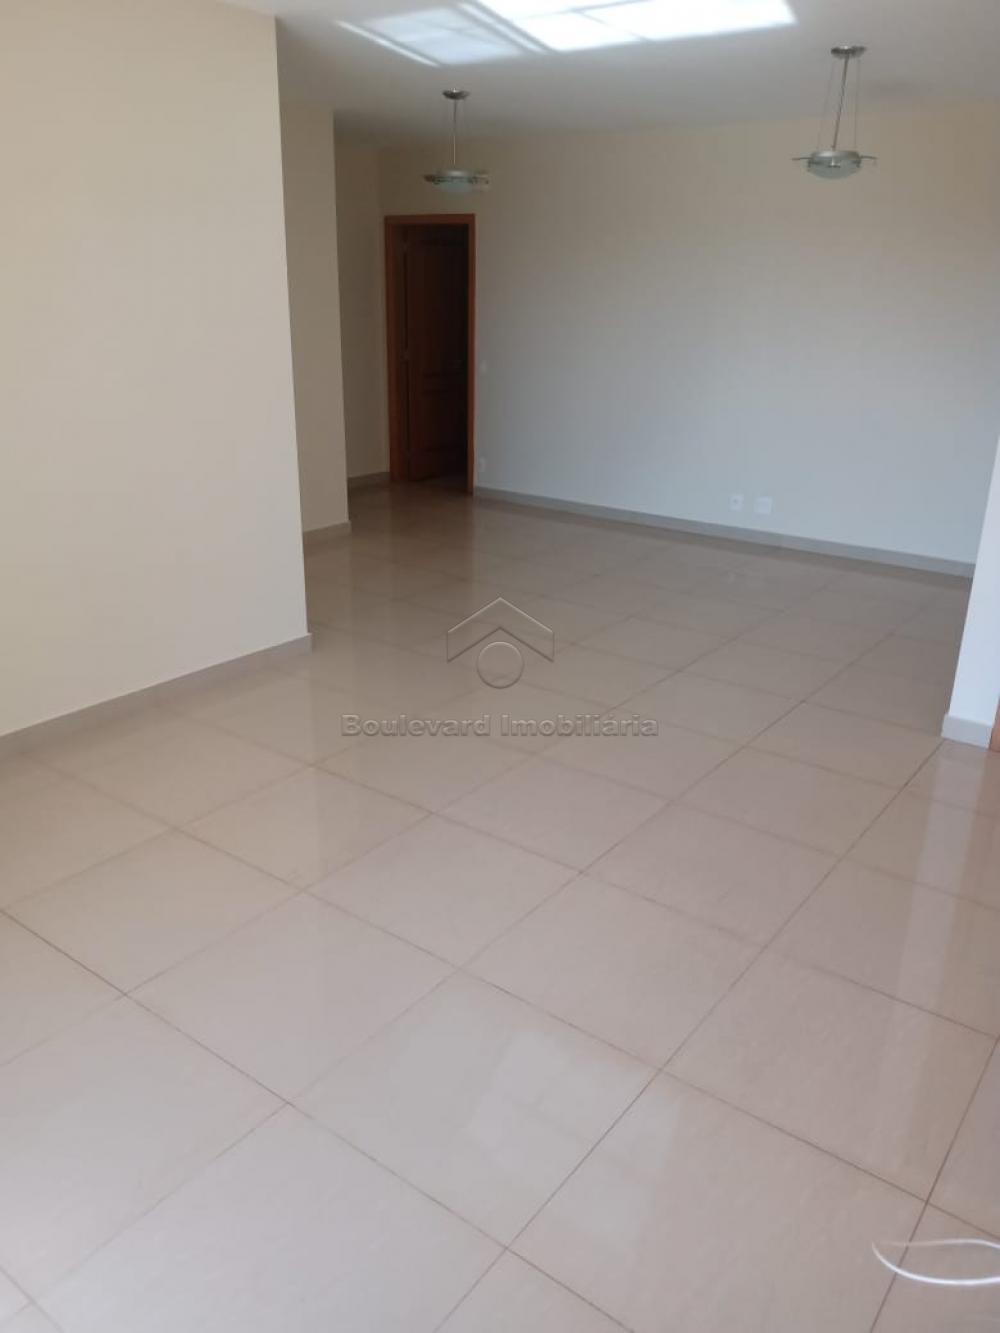 Alugar Apartamento / Padrão em Ribeirão Preto apenas R$ 2.400,00 - Foto 5